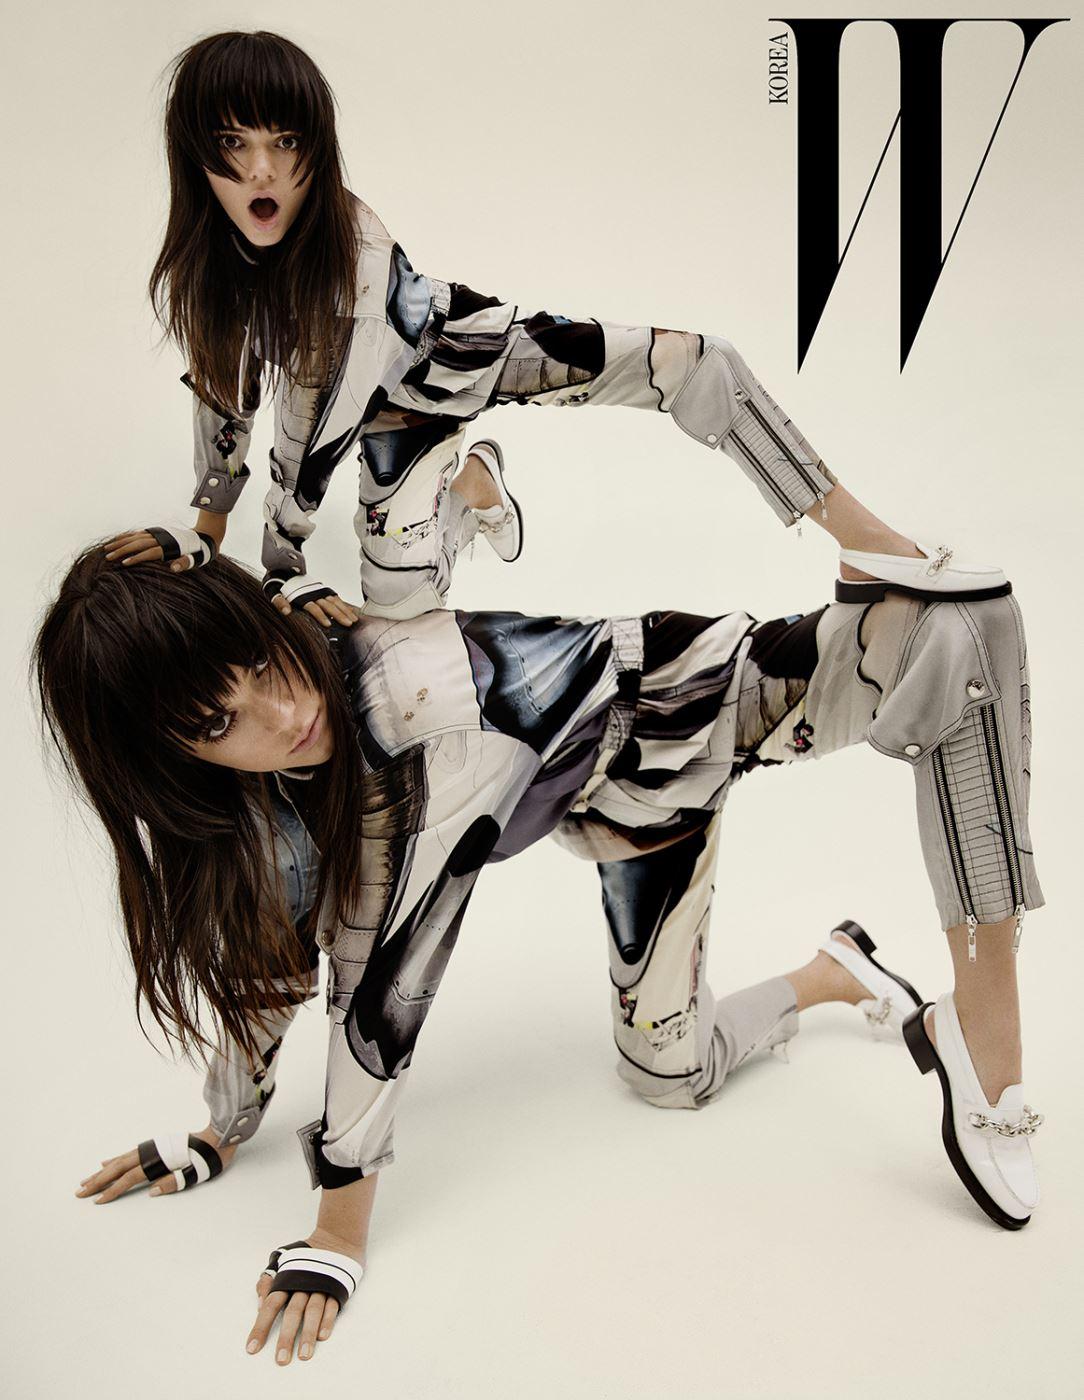 프린트가 돋보이는 실크 톱과 팬츠, 손을 감싼 줄무늬 가죽 스트랩, 메탈 장식 슬링백 로퍼는 모두 Louis Vuitton 제품.